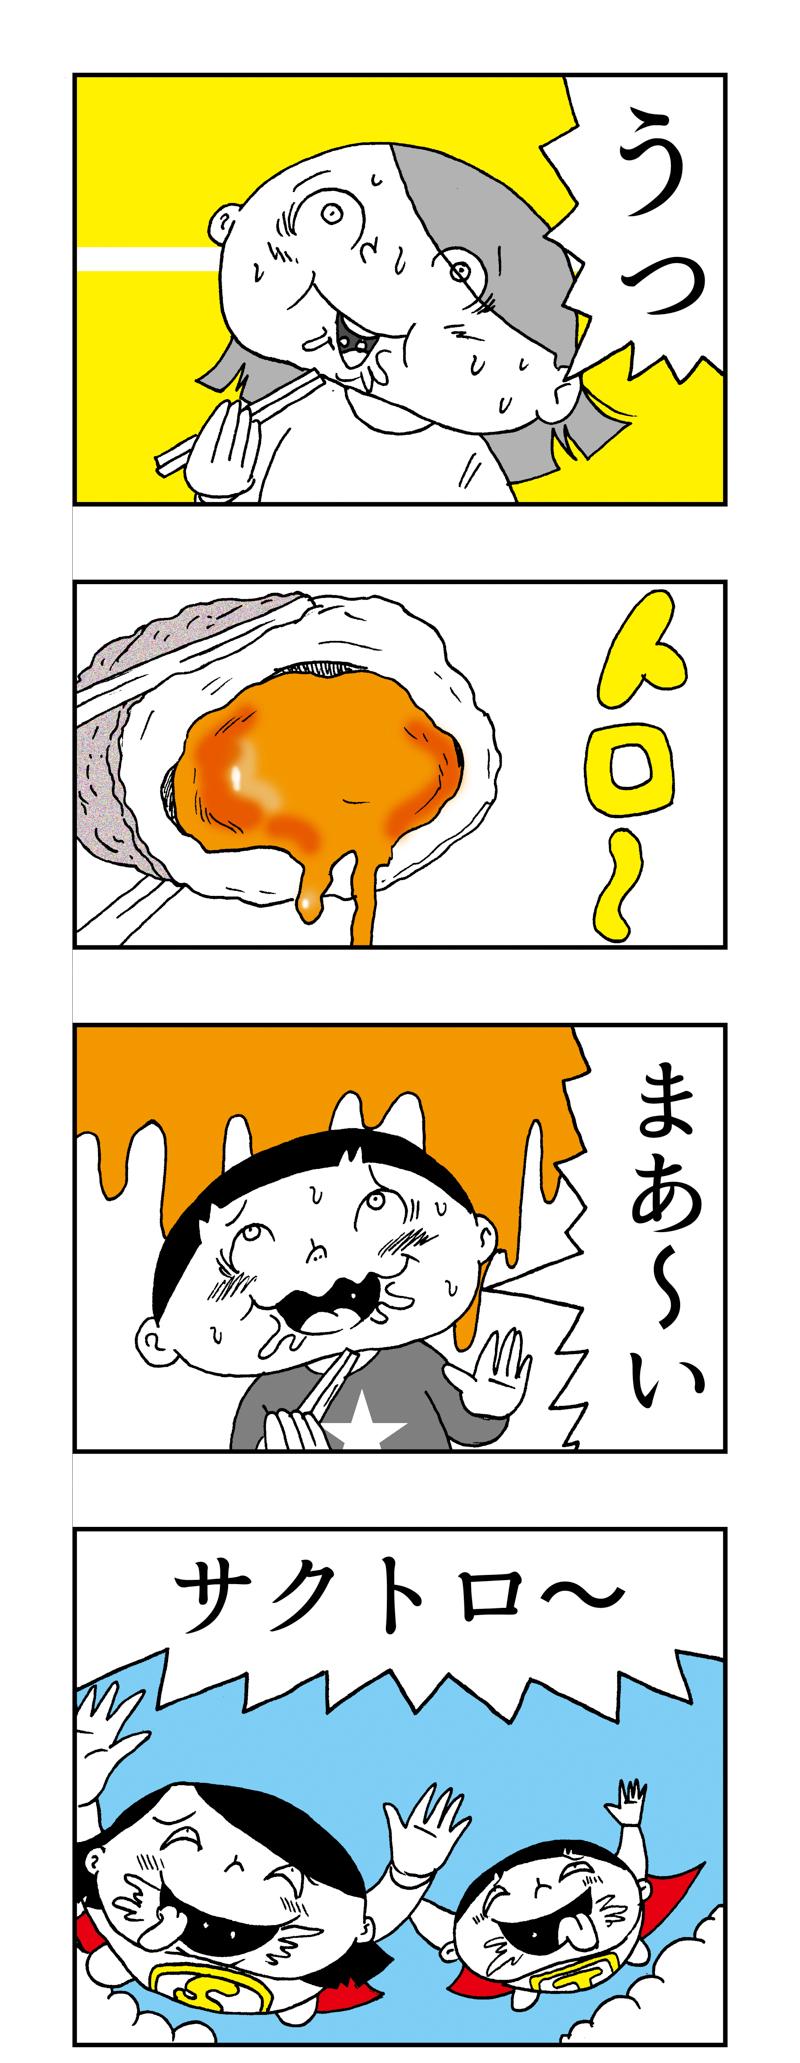 f:id:Meshi2_IB:20161221131958j:plain